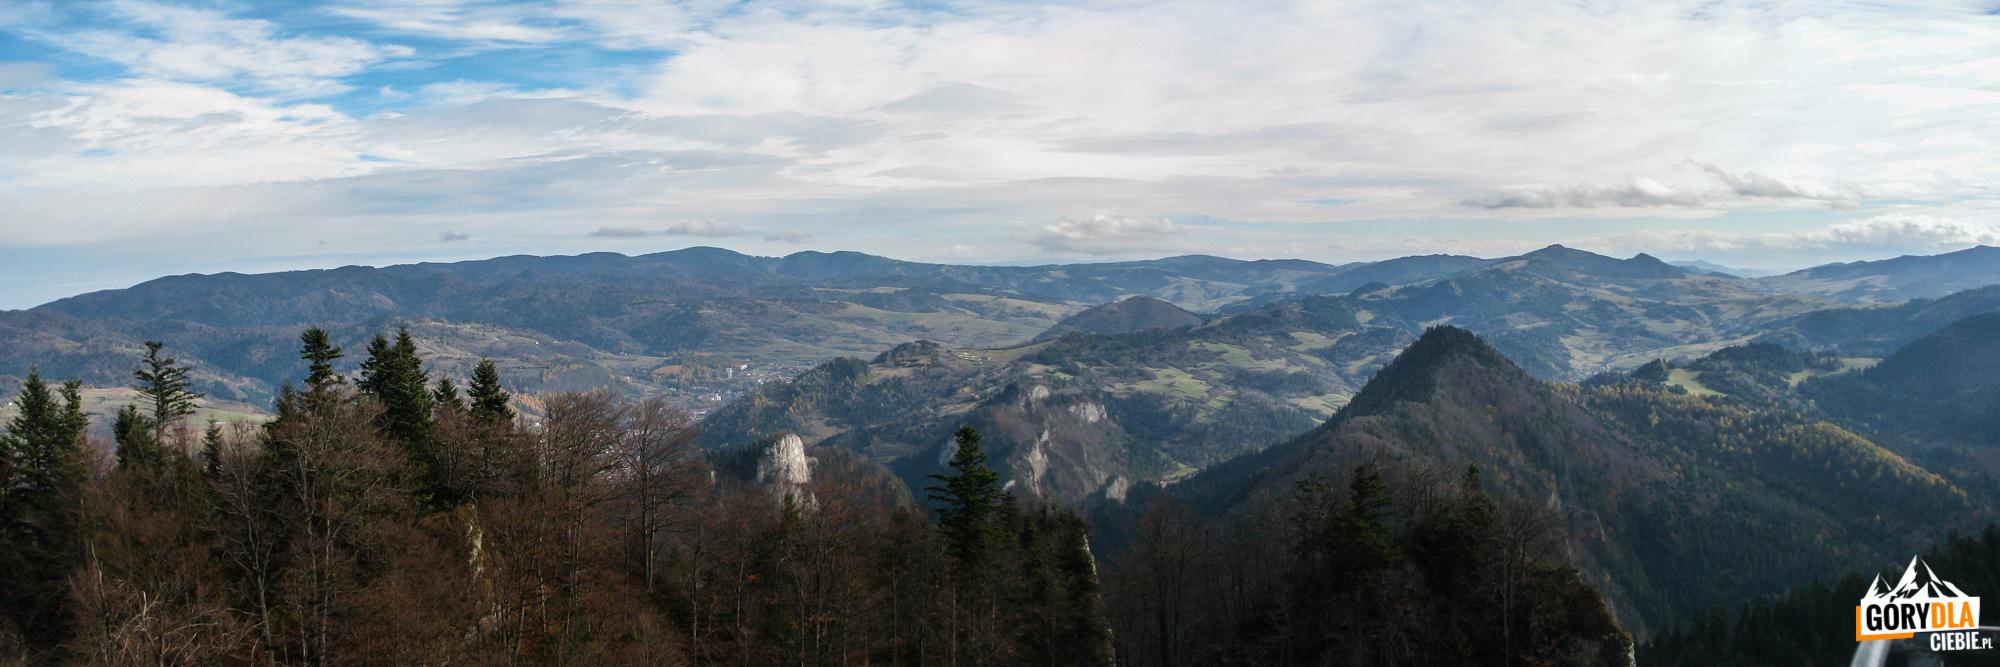 Panorama zTrzech Koron (982 m) - pasmo Przehyby iRadziejowej, abardziej napołudnie wdole Przełom Dunajca, aza nim Małe Pieniny znajwyższym szczytem Wysoka (1050 m)